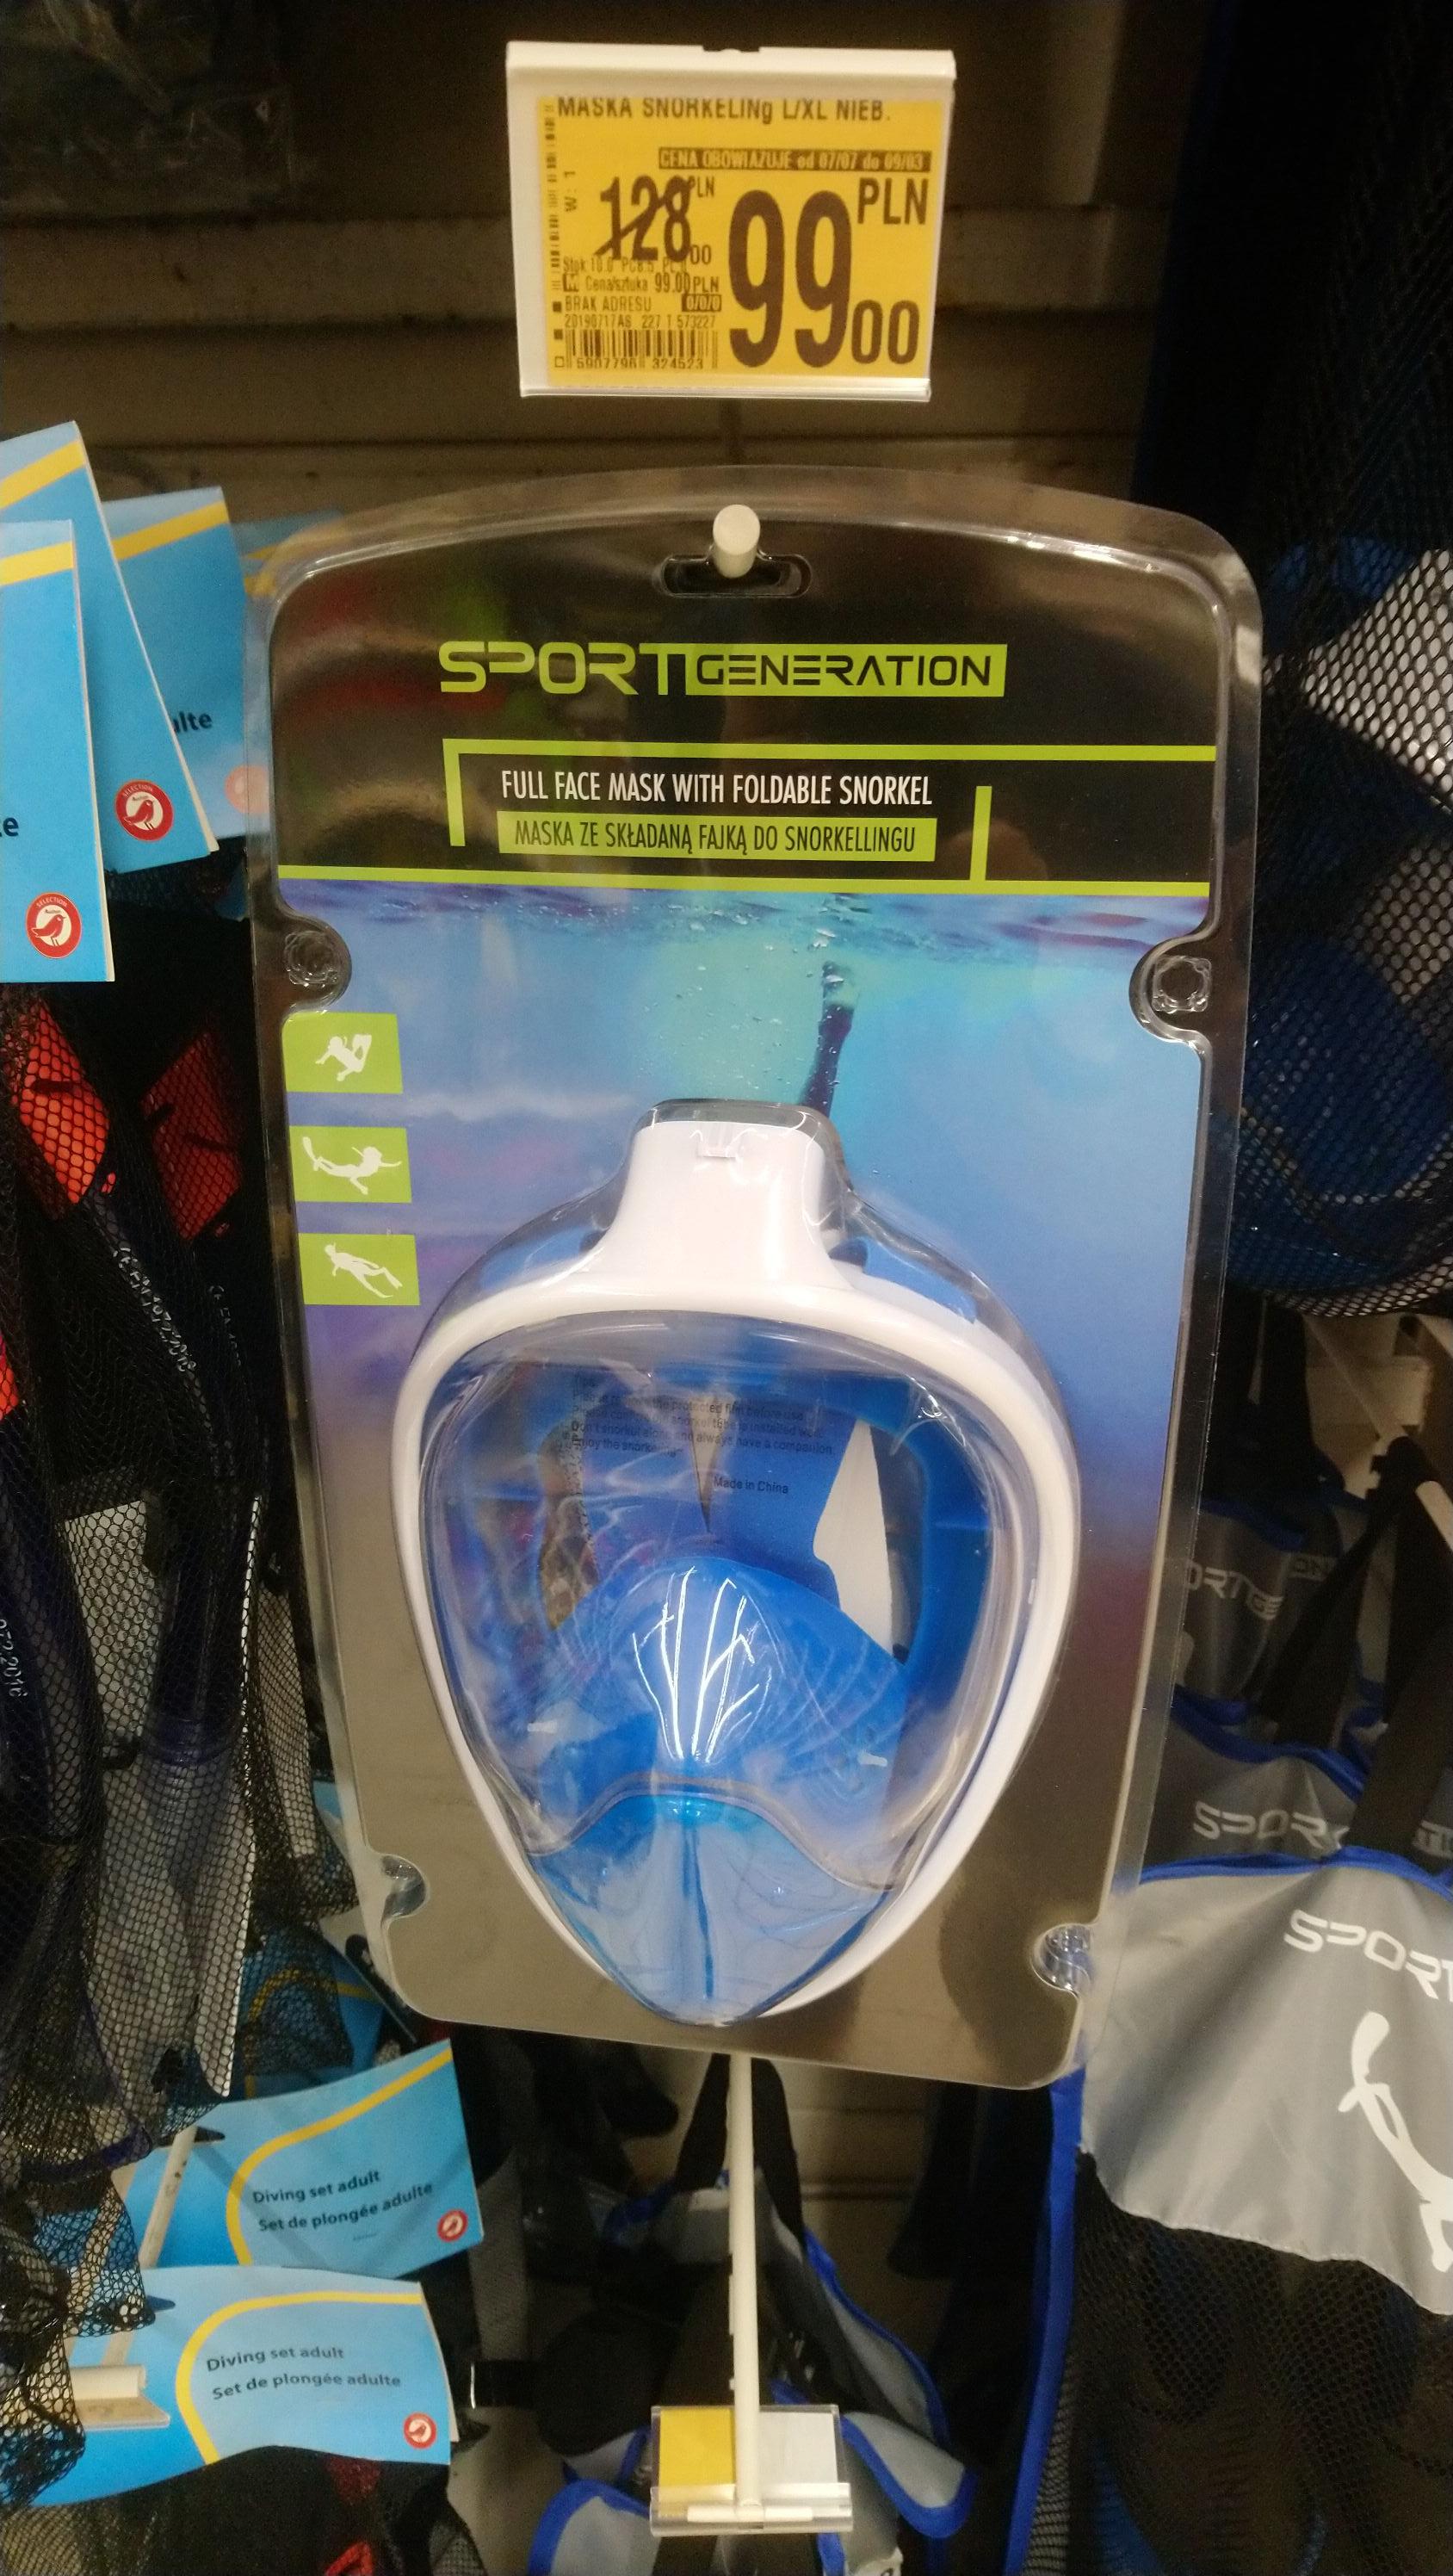 Maska do snorkelingu - 99zł/zestaw: maska do snorkelingu plus płetwy -129zł@ Auchan.